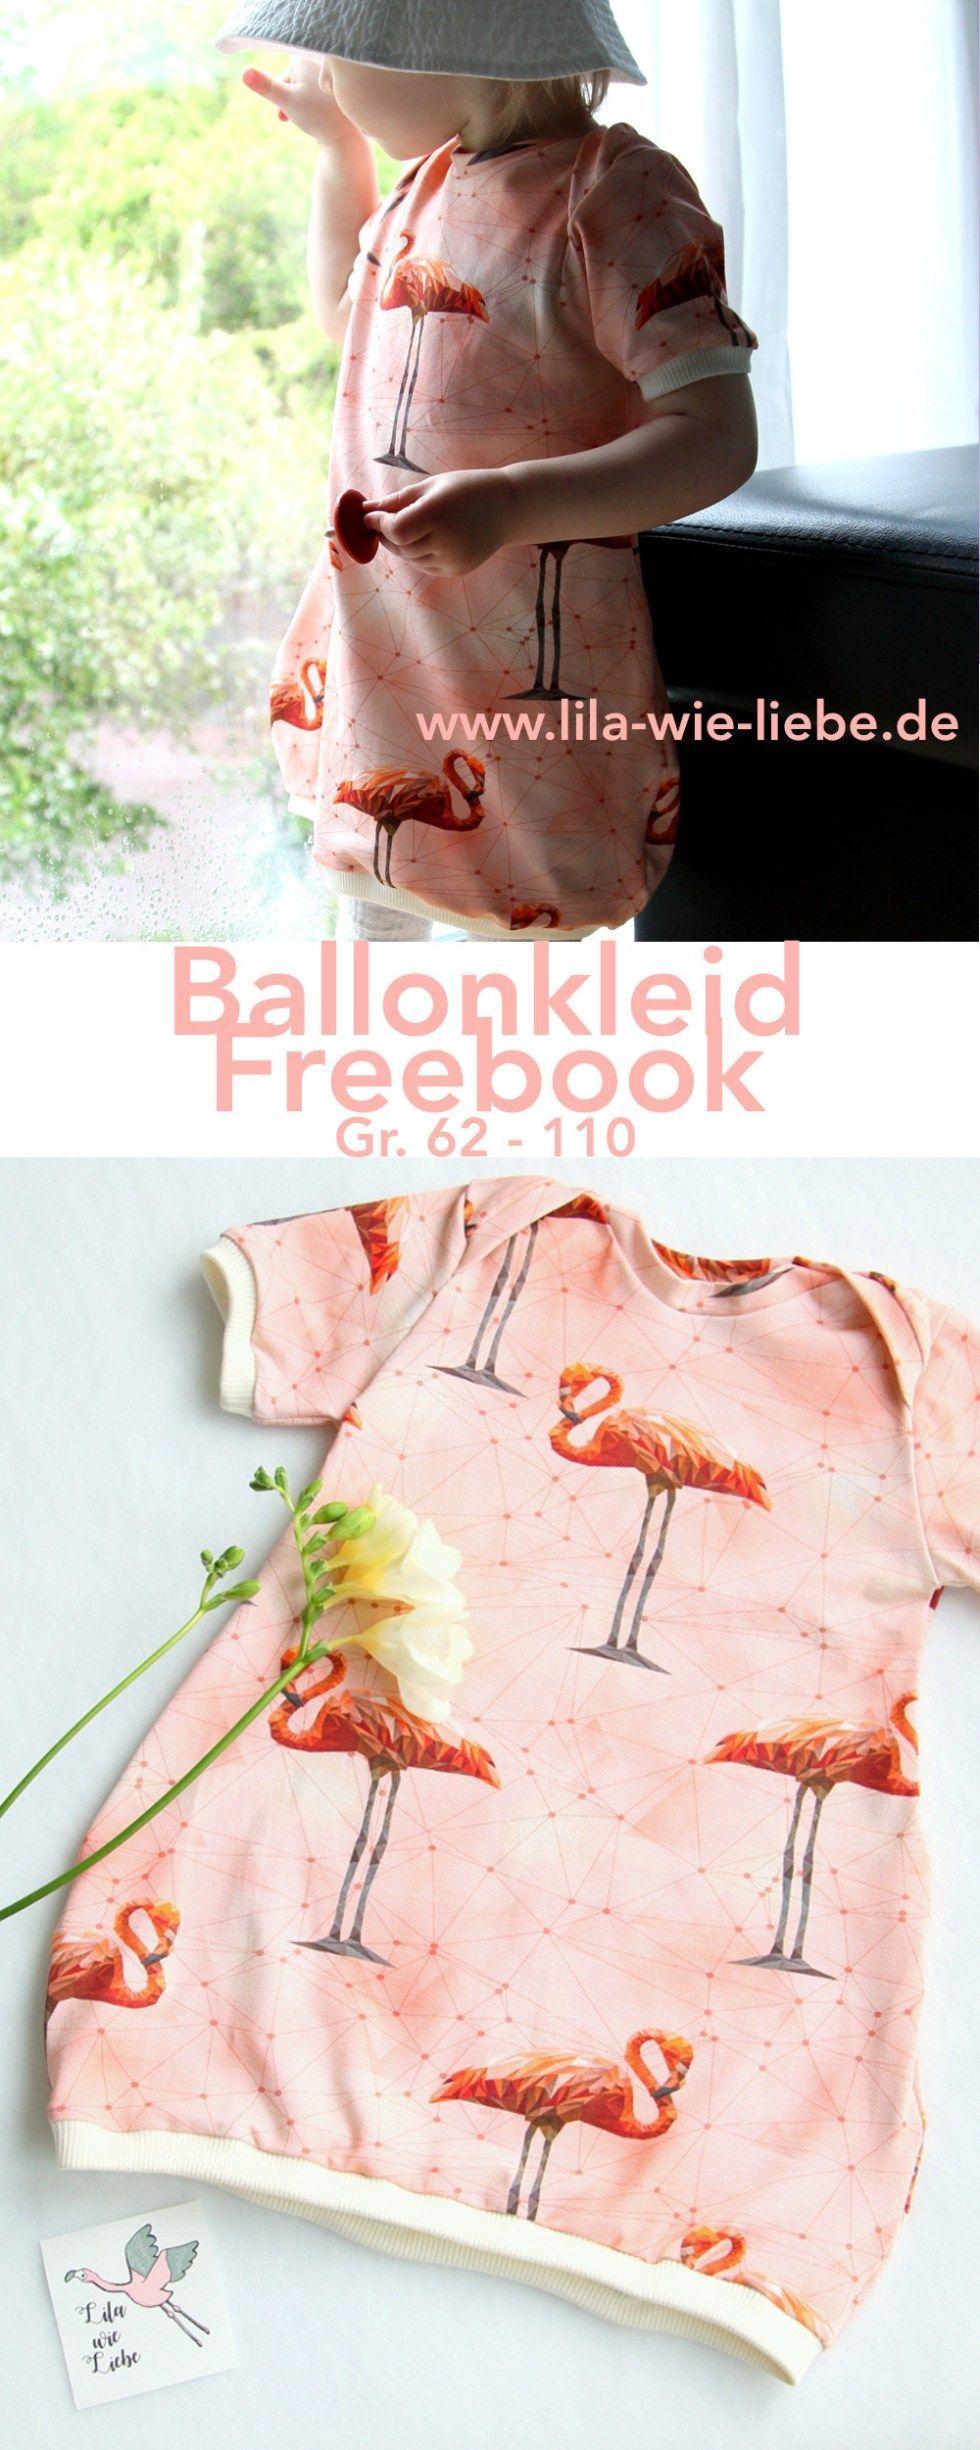 für Kinder nähen - Freebook